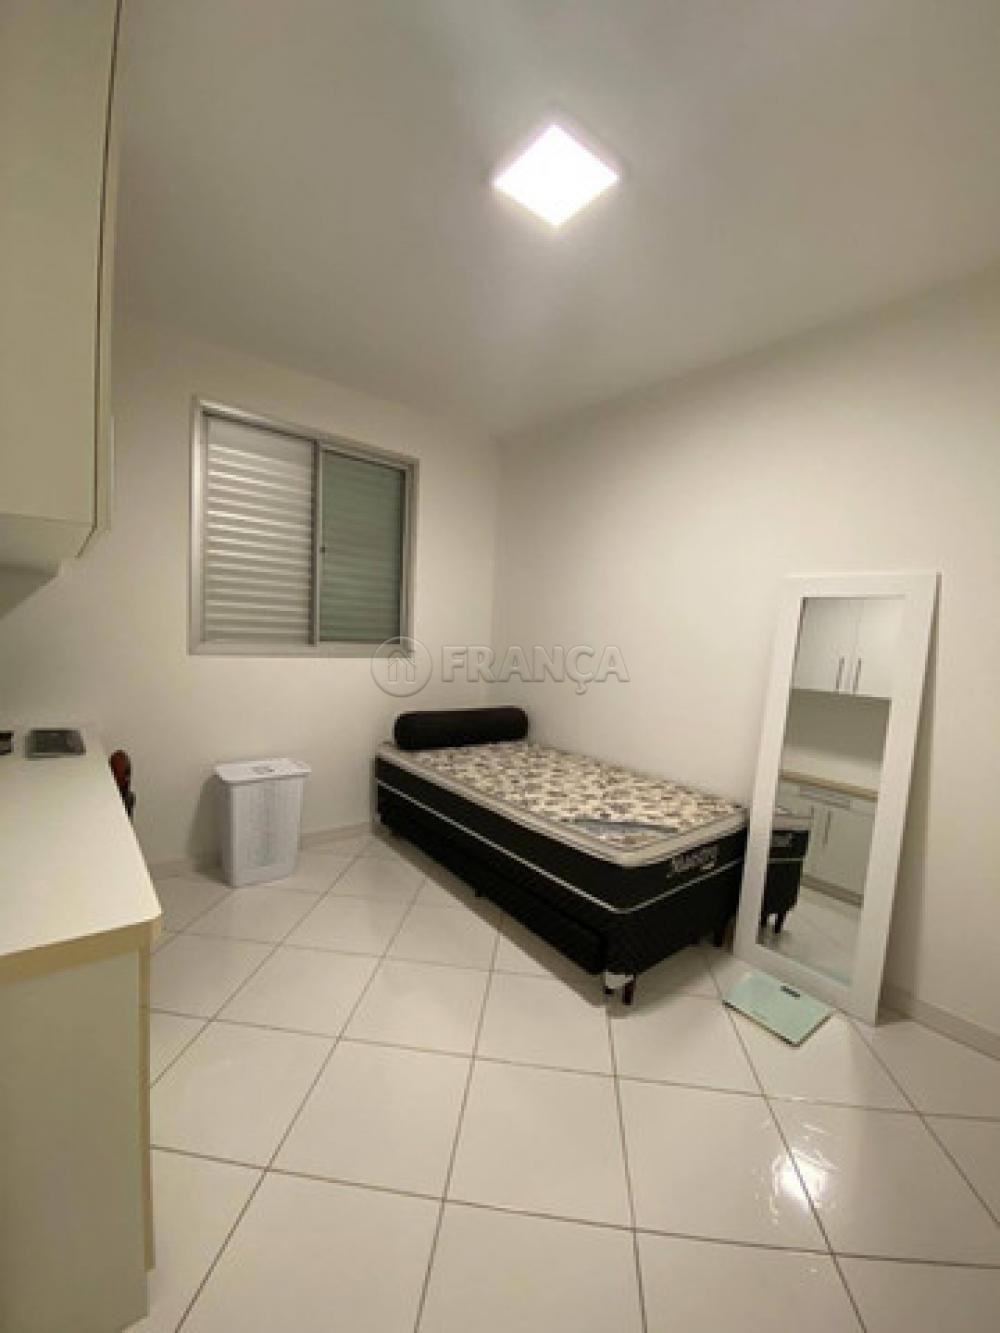 Comprar Apartamento / Padrão em São José dos Campos apenas R$ 198.000,00 - Foto 8